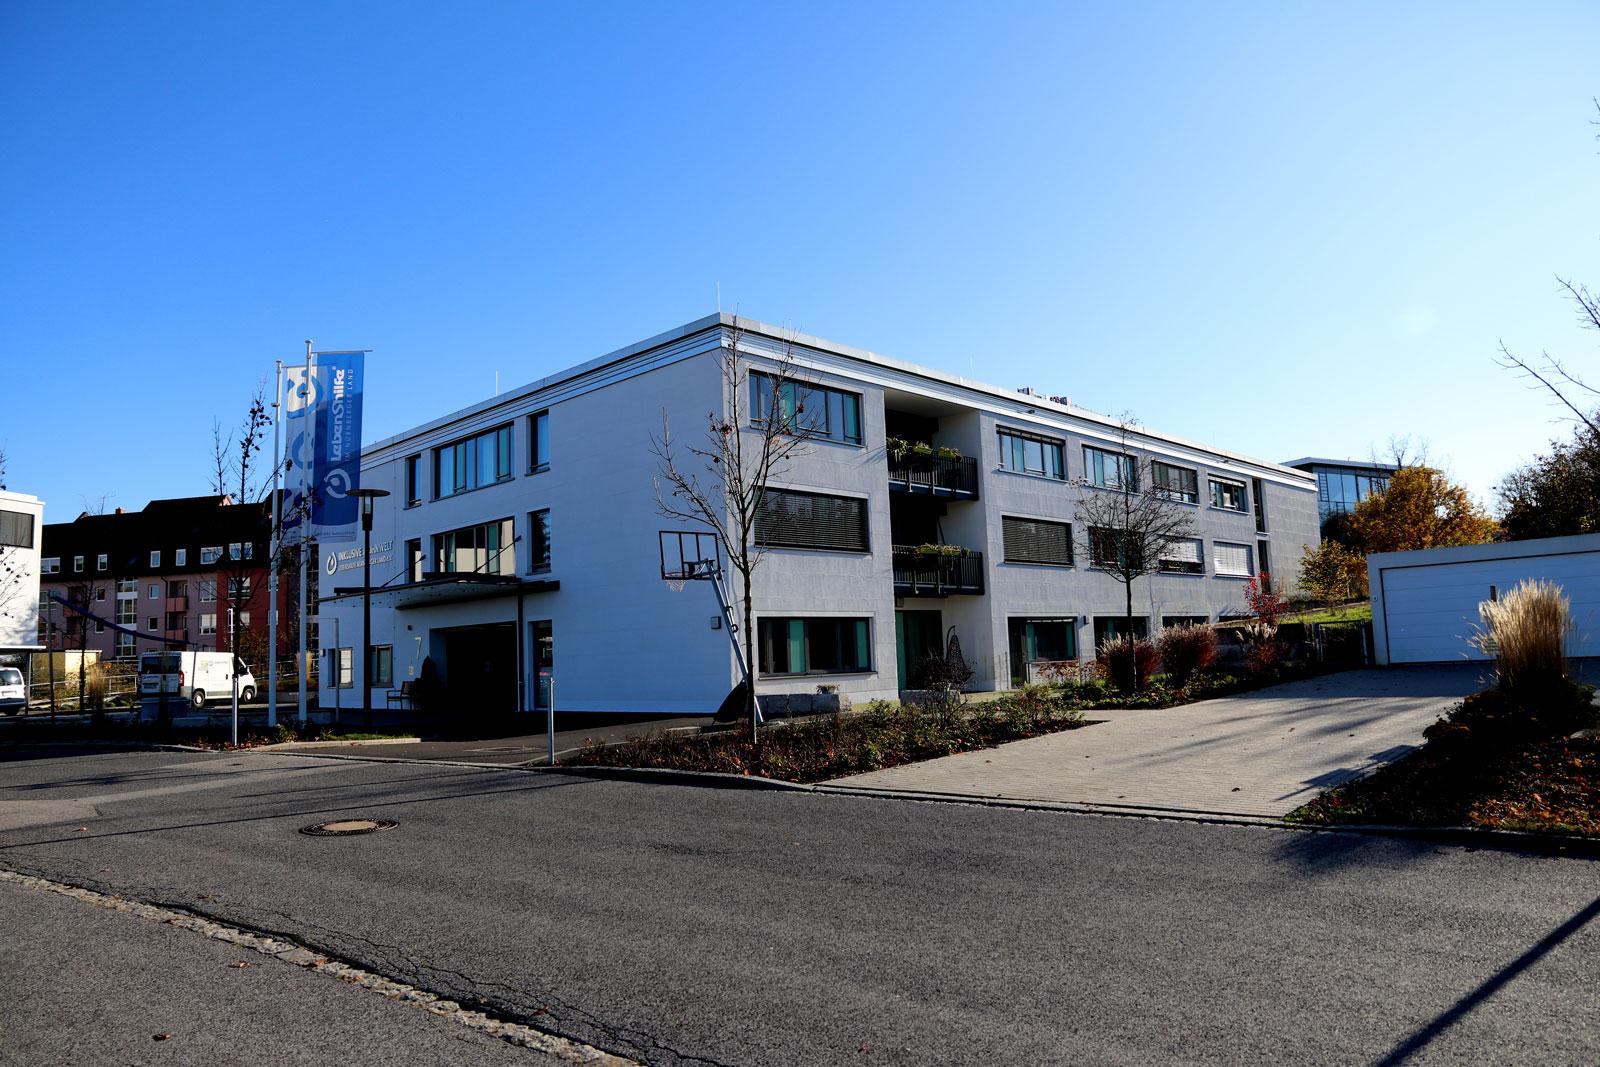 """Bis 2022 soll die """"Inklusive Wohnwelt"""" an der Fritz-Bauer-Straße in Altdorf aufgestockt werden. Der Verkauf der Grundstücke sichert der Lebenshilfe notwendiges Eigenkapital."""